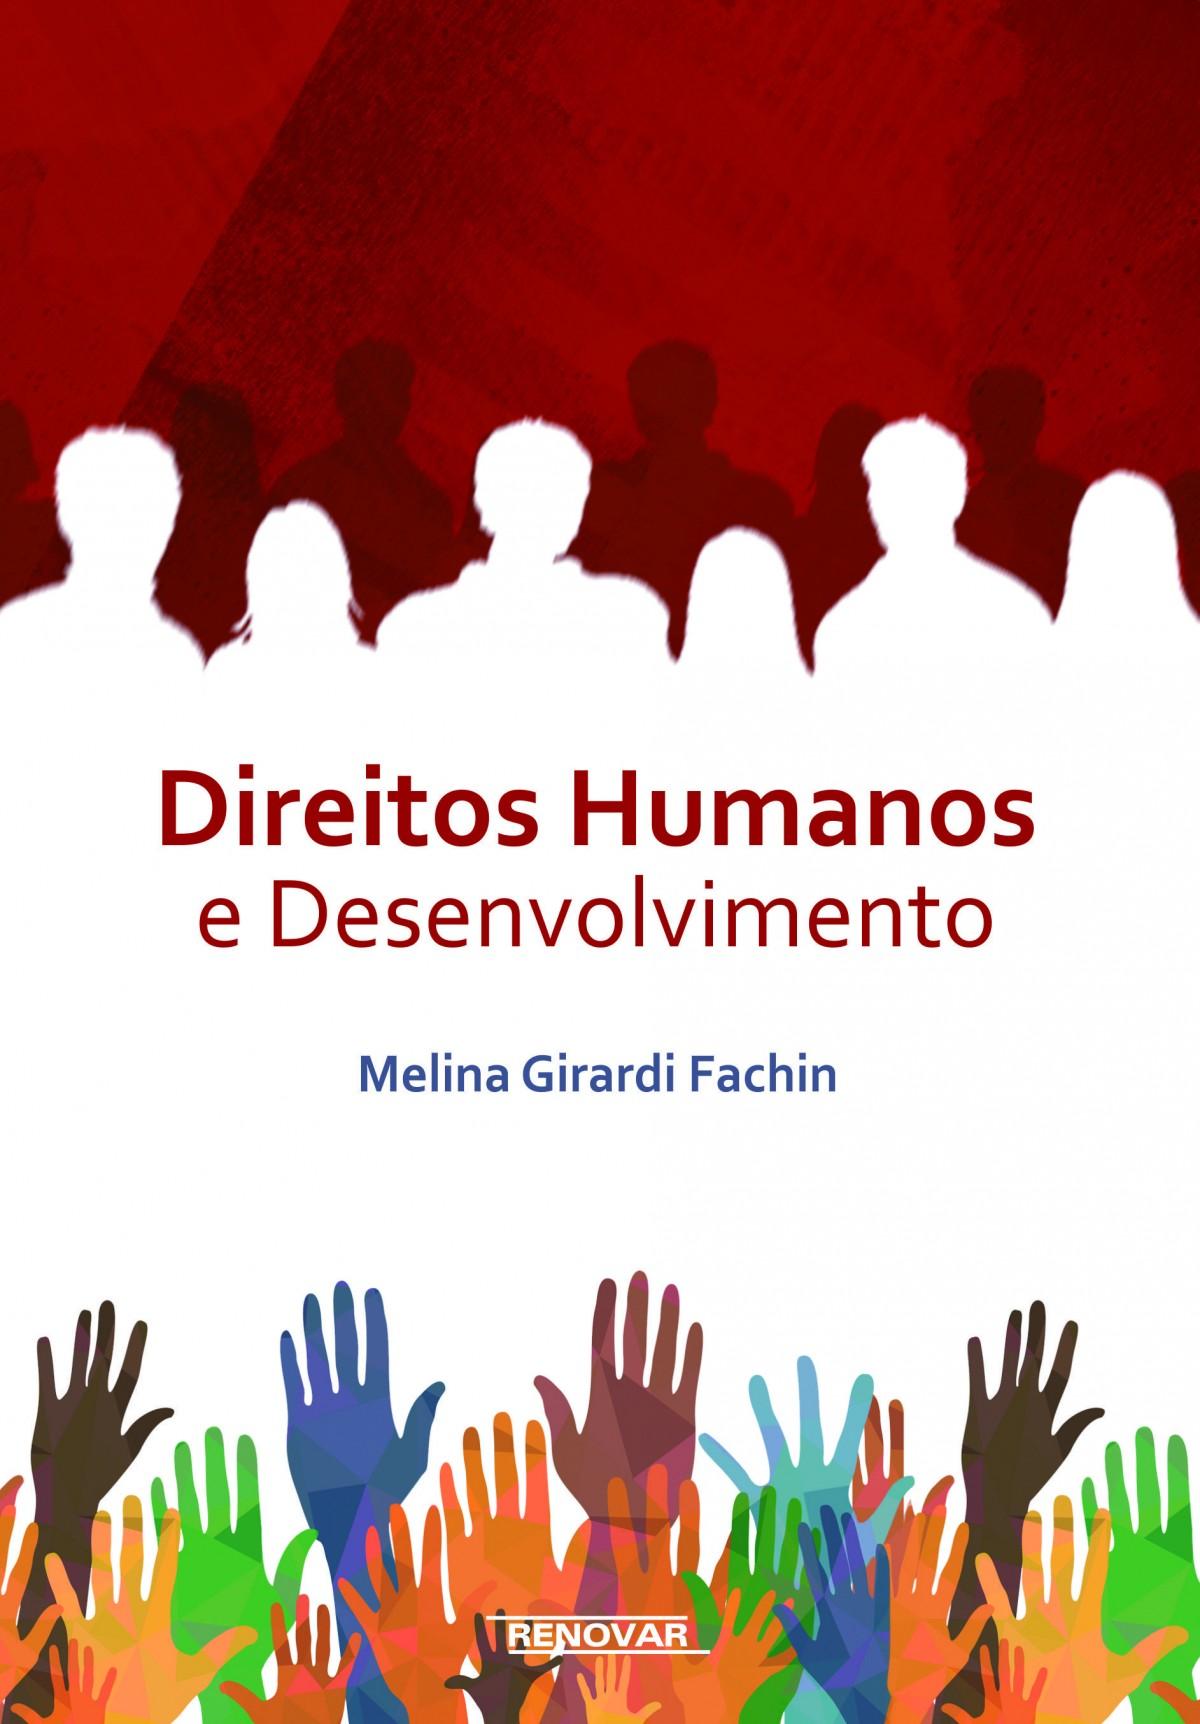 Foto 1 - Direitos Humanos e Desenvolvimento